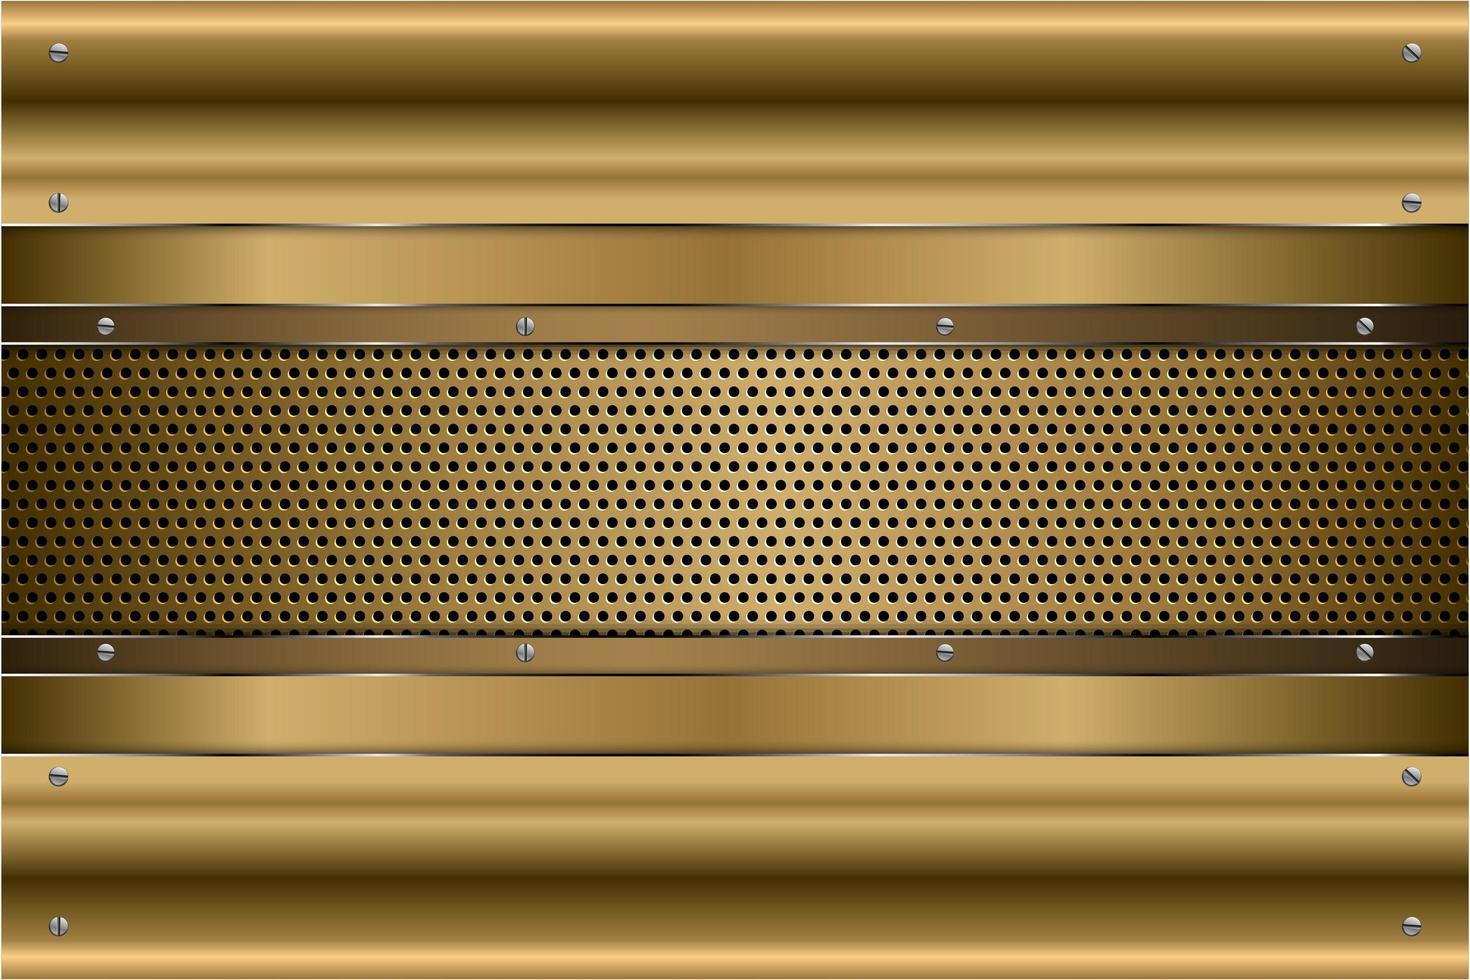 Paneles de oro metálico con tornillos en textura perforada vector